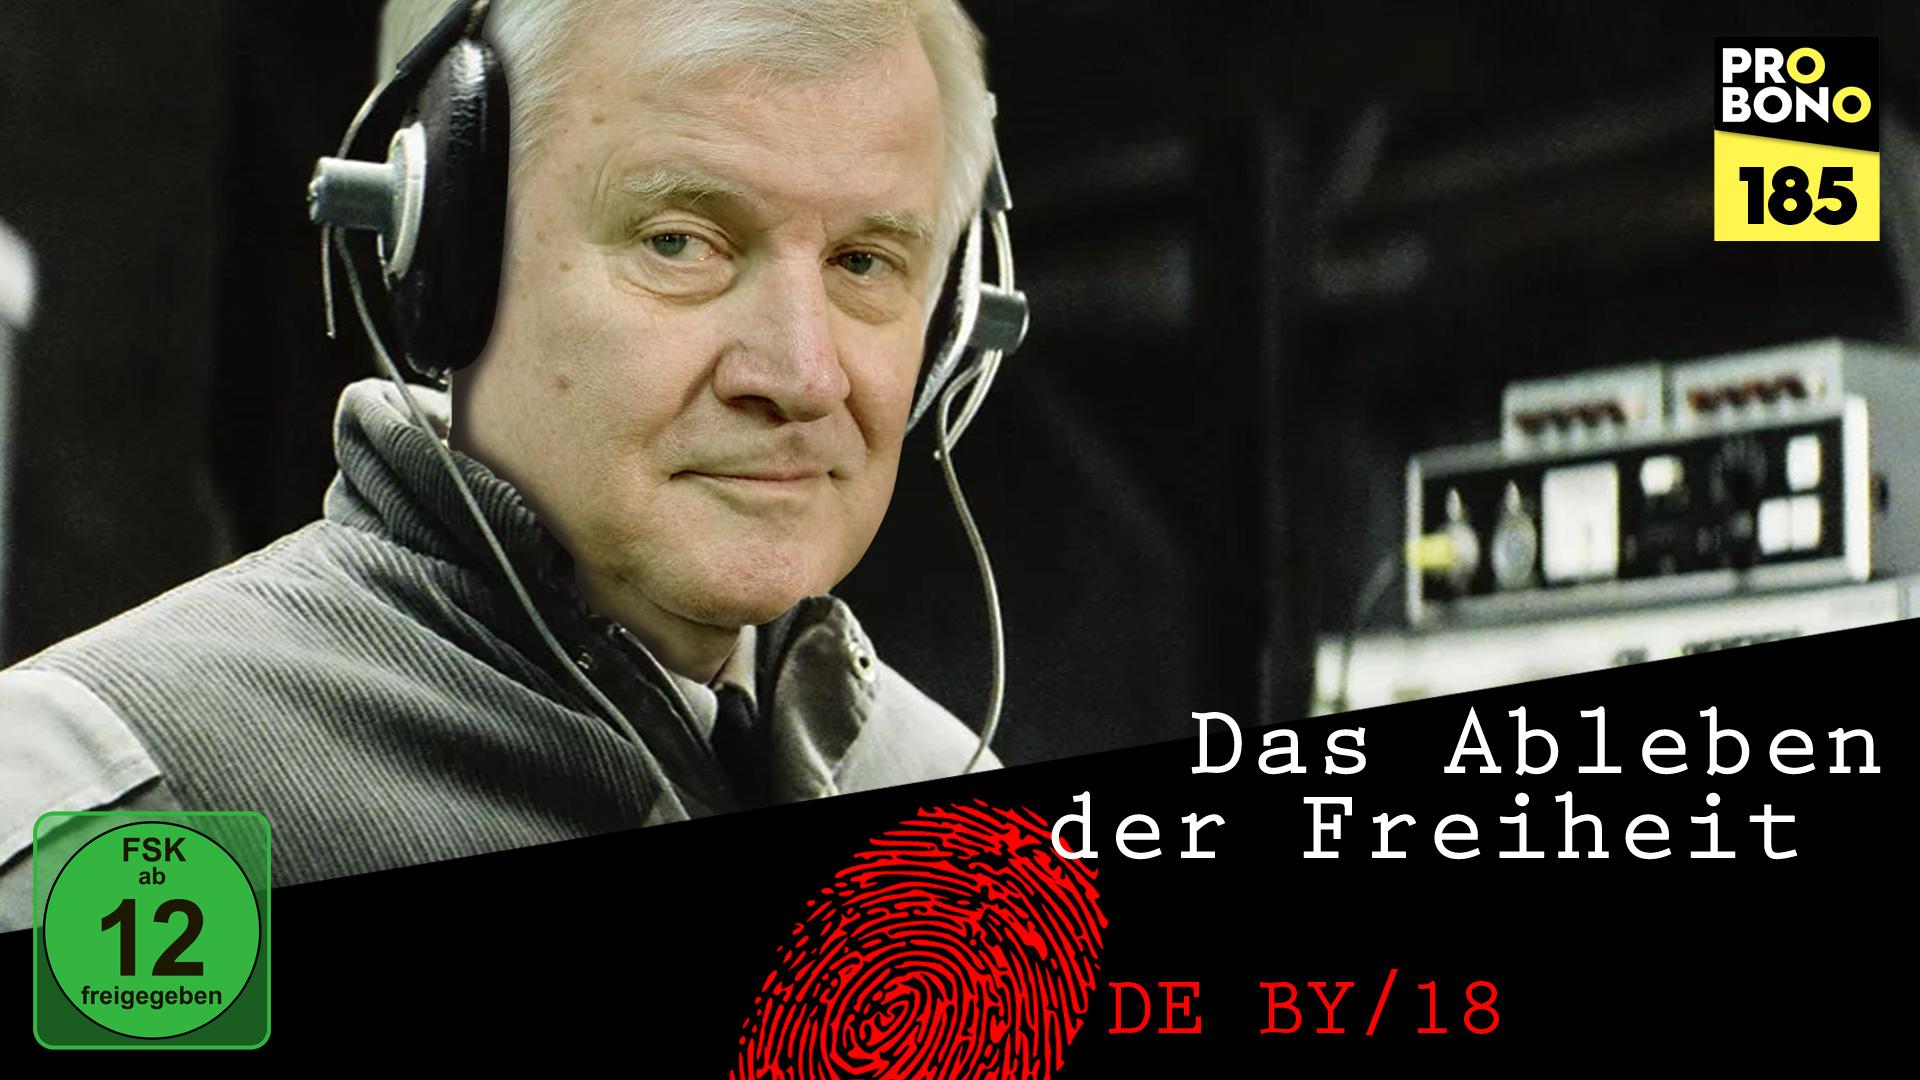 """Horst Seehofer in """"Das Ableben der Freiheit"""" (probono Magazin)"""